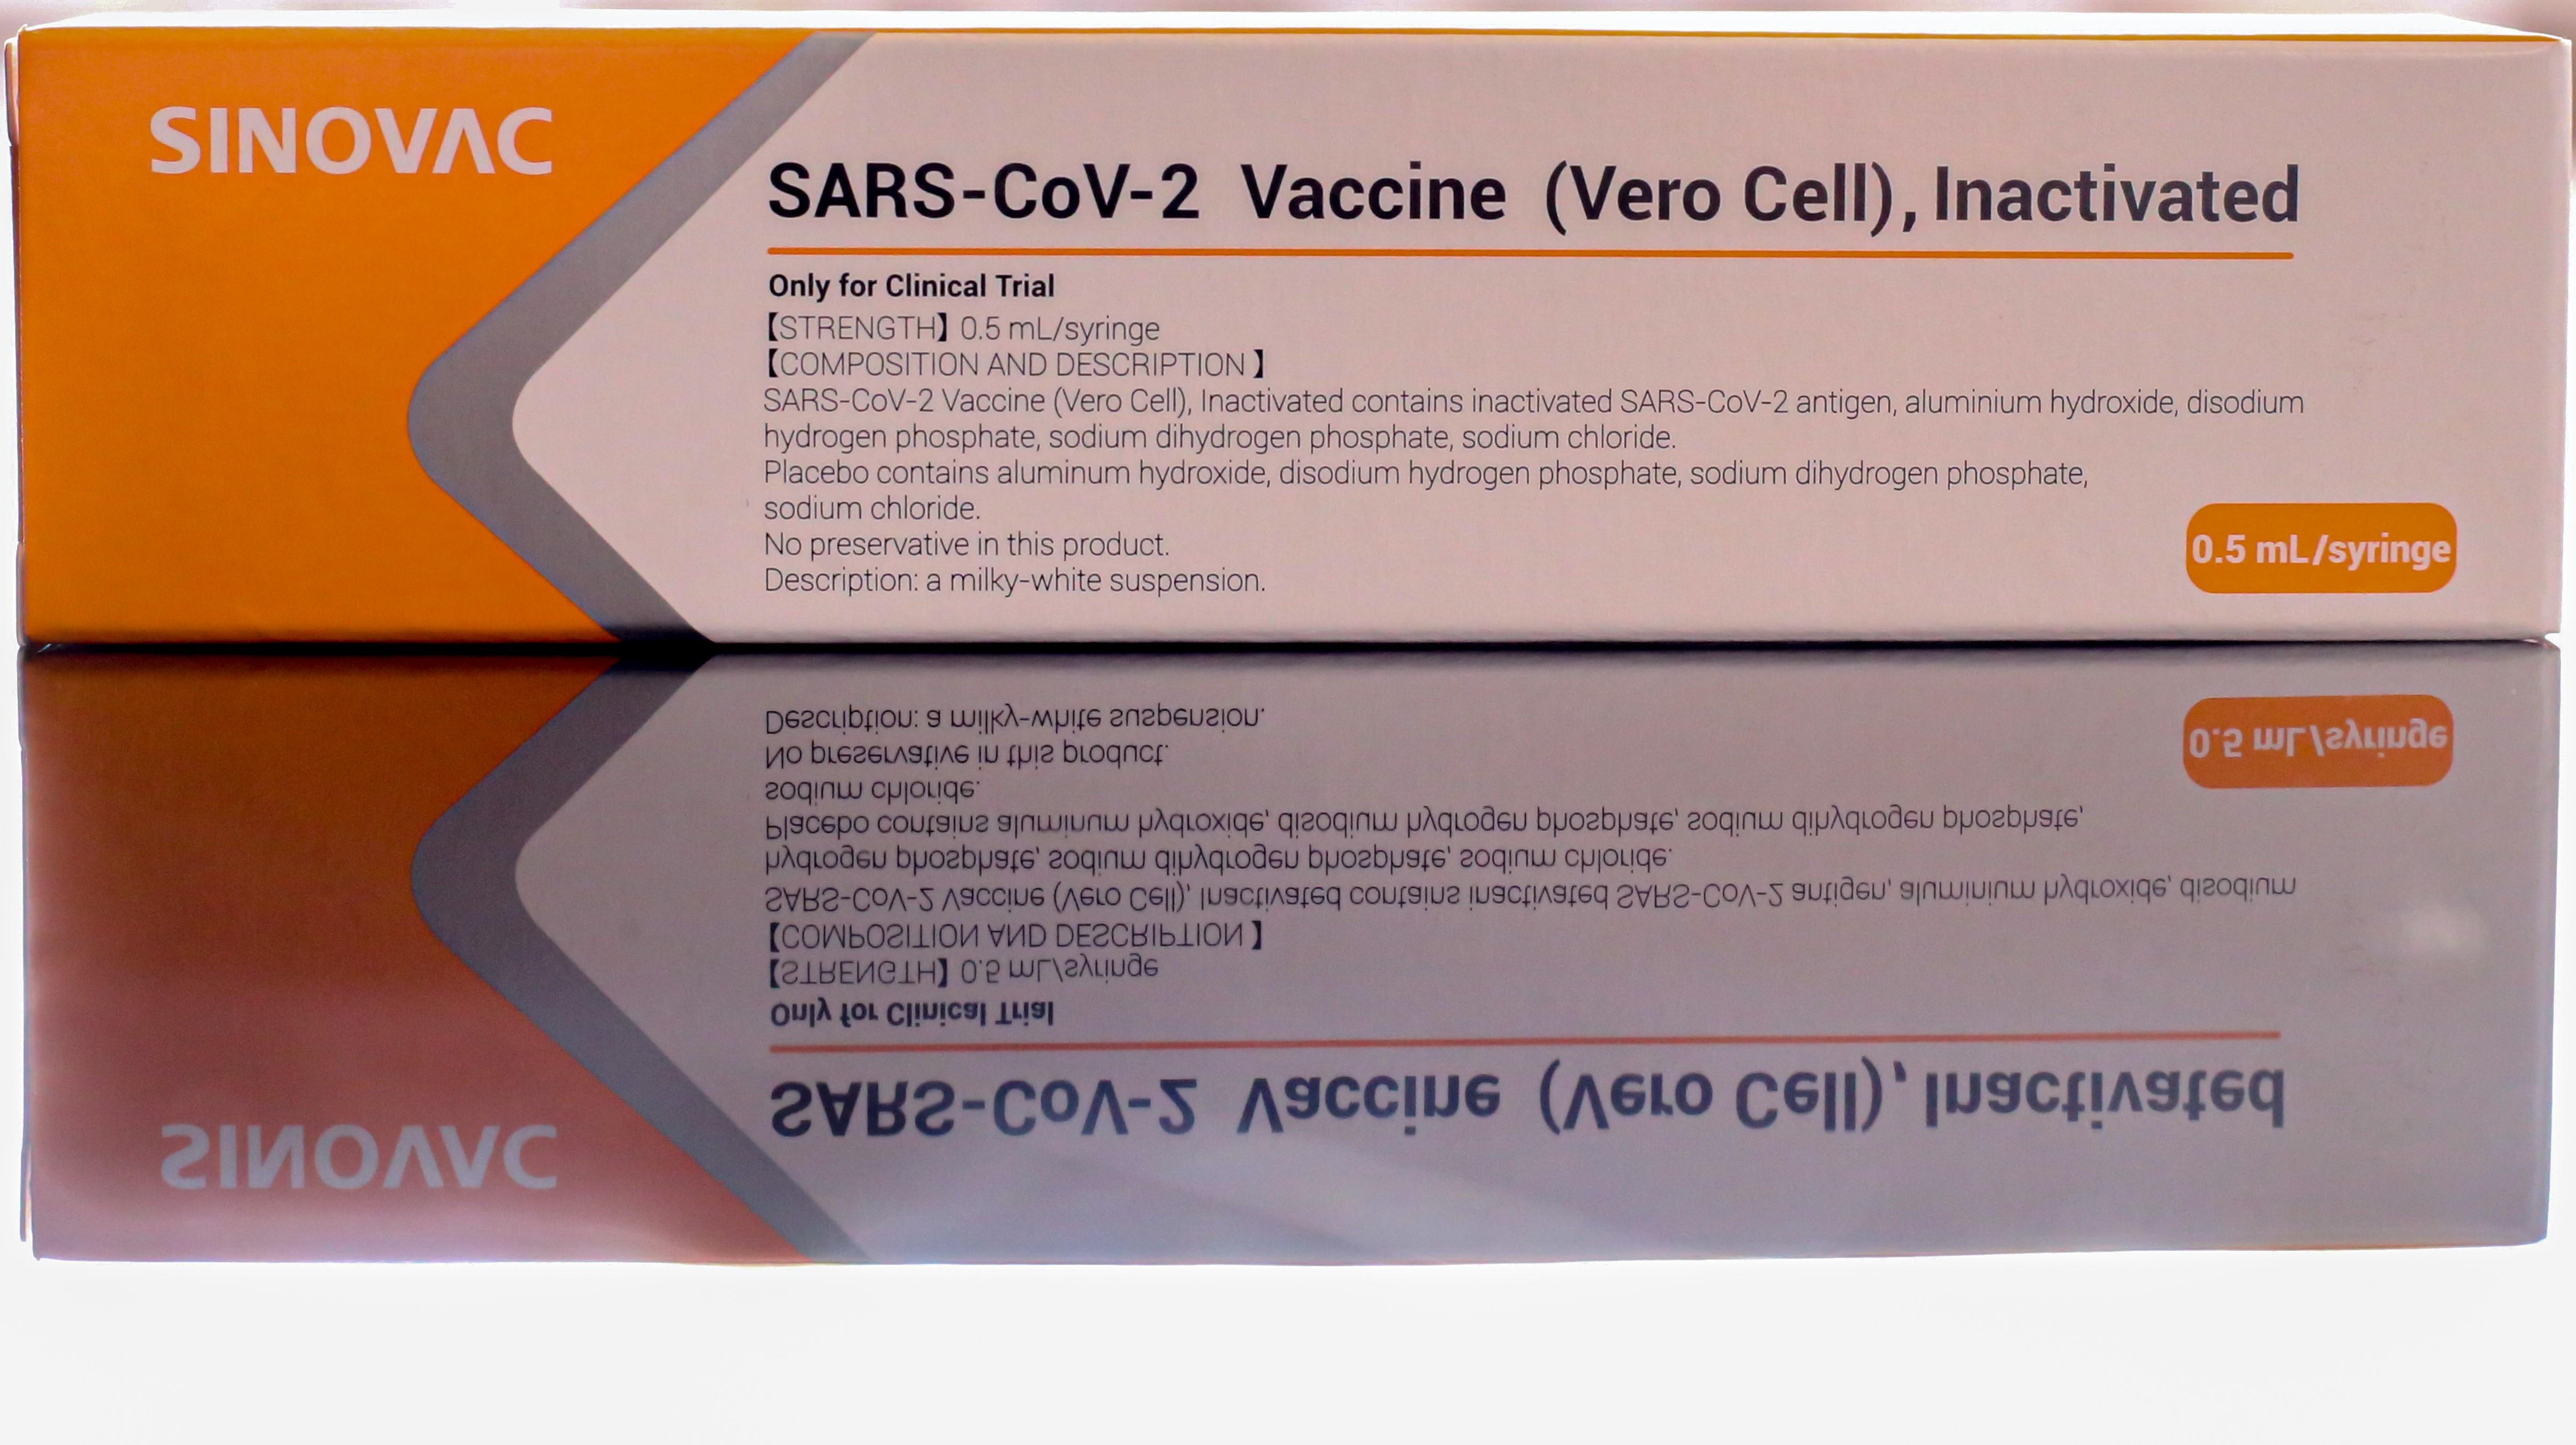 Ein Impfpräparat des chinesischen Herstellers Sinovac.(c)  https://en.wikipedia.org/wiki/CoronaVac#/media/File:SINOVAC_COVID-19_vaccine.jpg